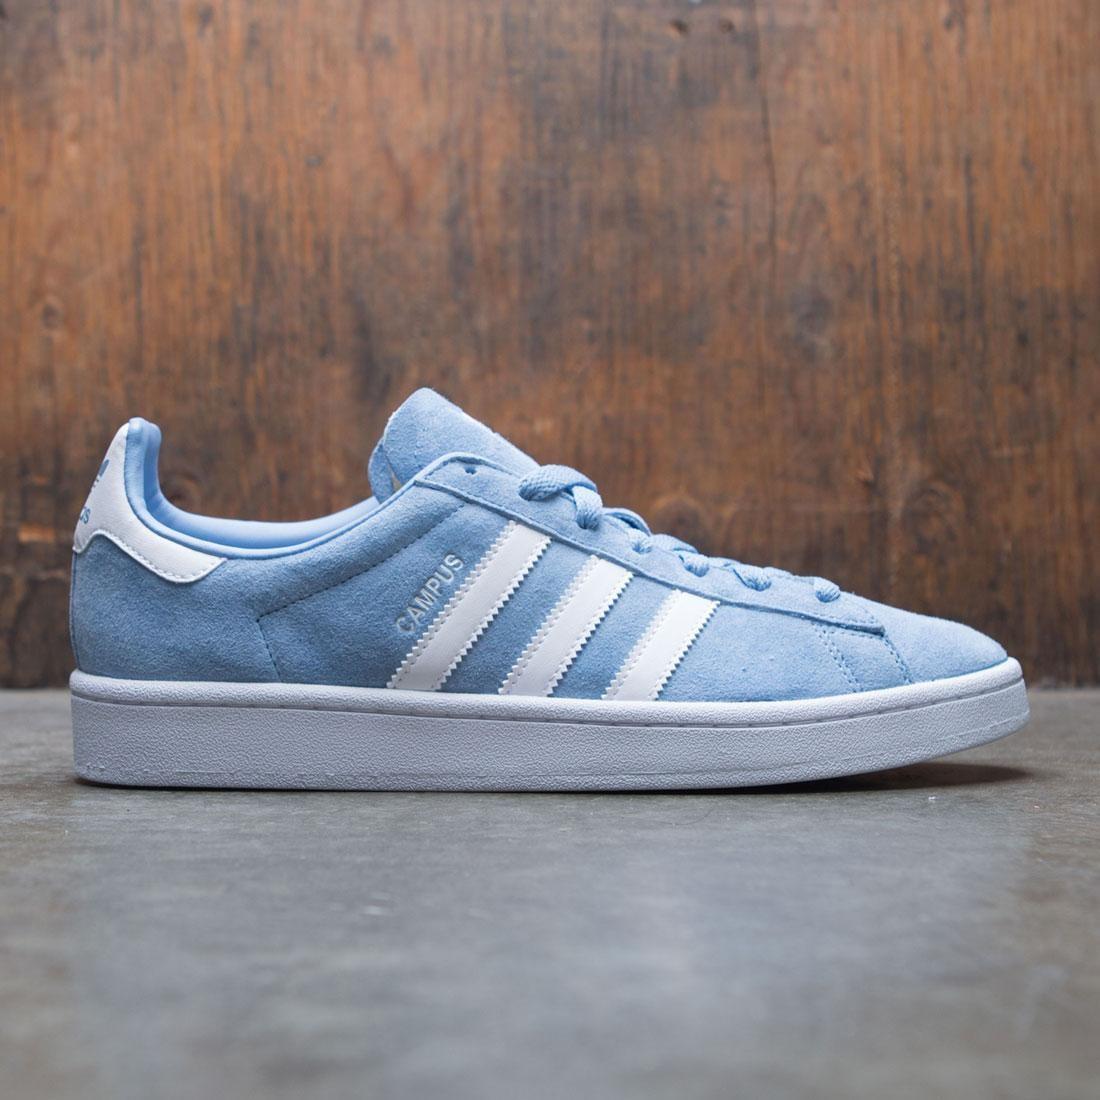 【海外限定】アディダス キャンパス 青 ブルー スニーカー 靴 【 ADIDAS BLUE MEN CAMPUS ASH FOOTWEAR WHITE 】